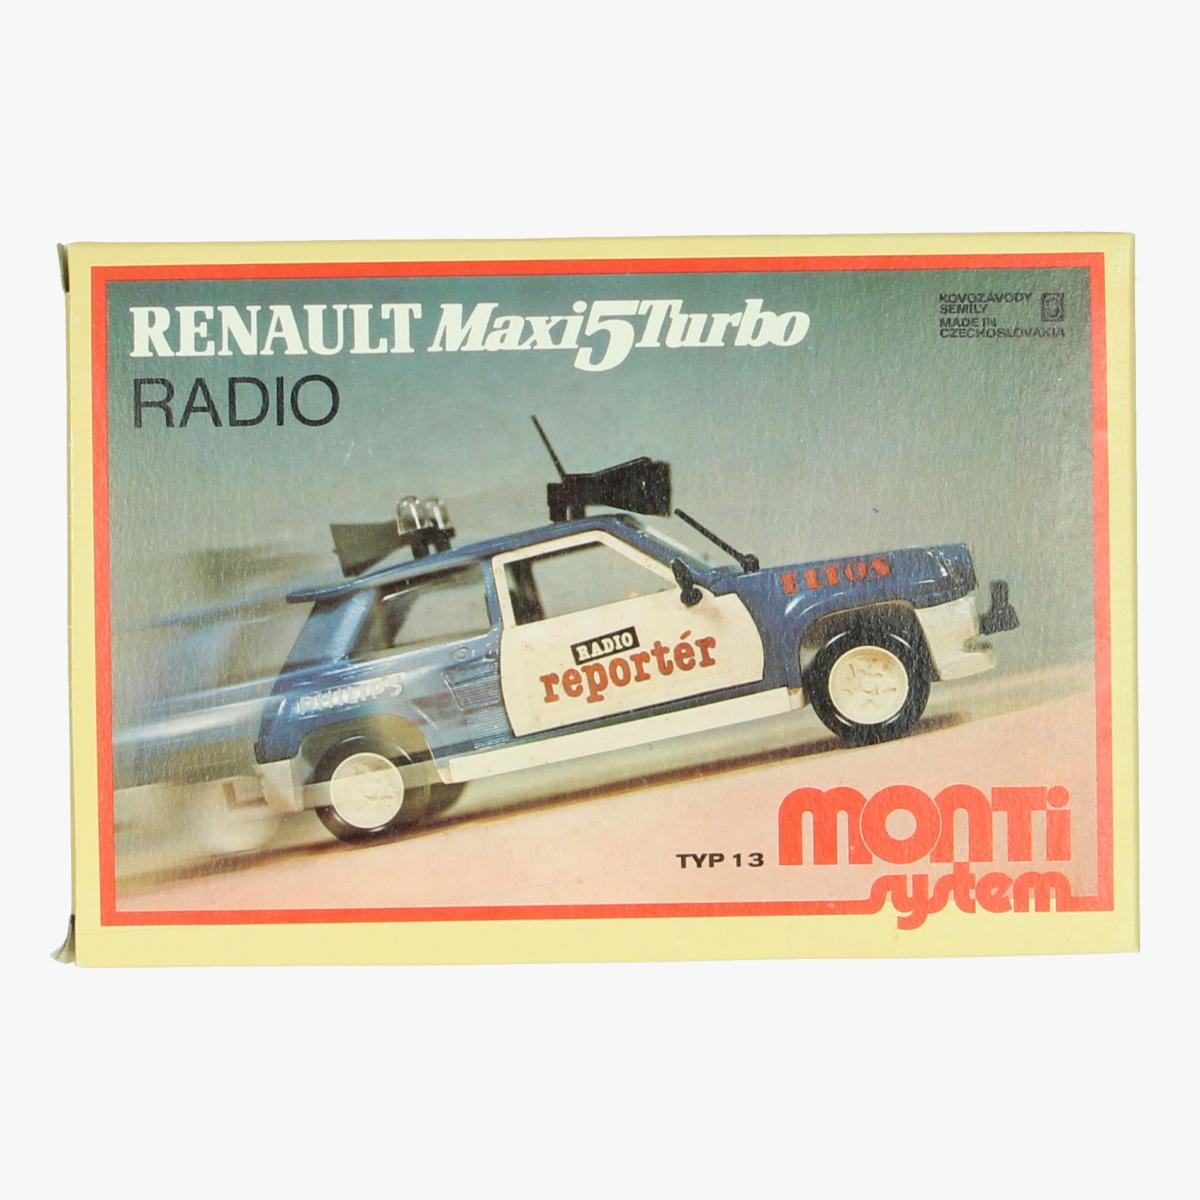 Afbeeldingen van Renault Maxi5Turbo. Zelfbouw kit. Radio. Mont System